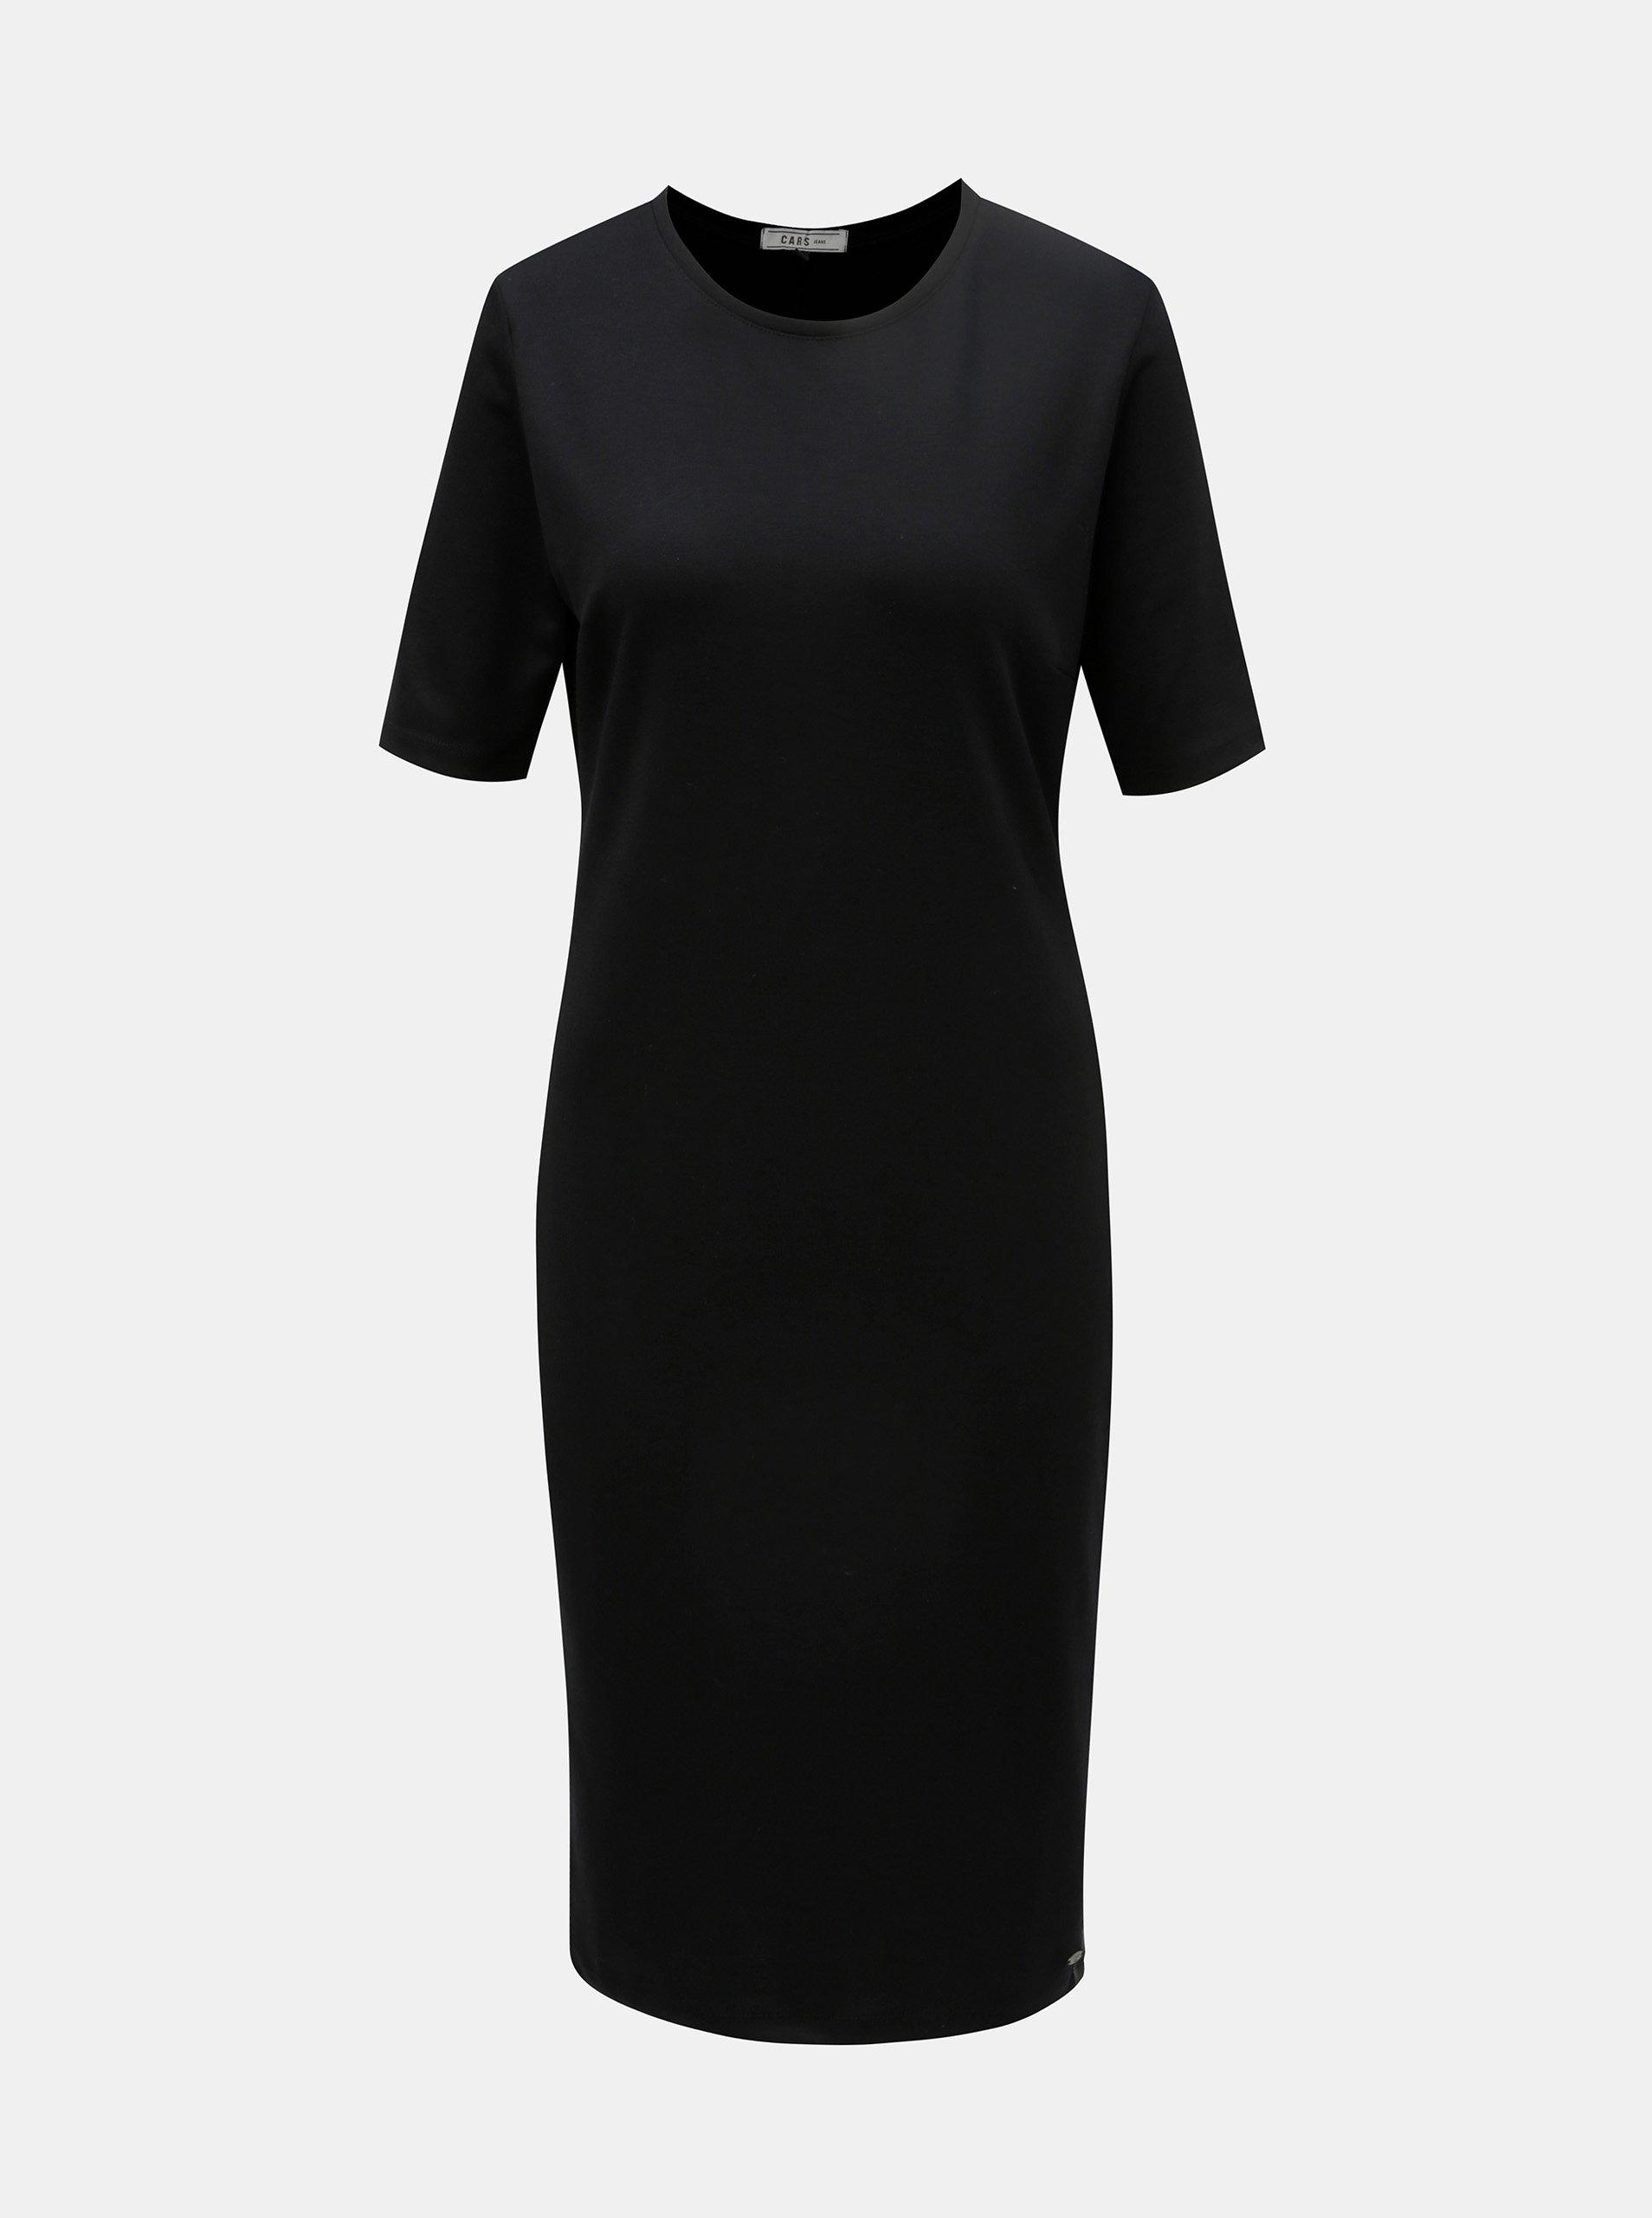 Černé šaty s koženkovým pruhem na stranách Cars Lanna